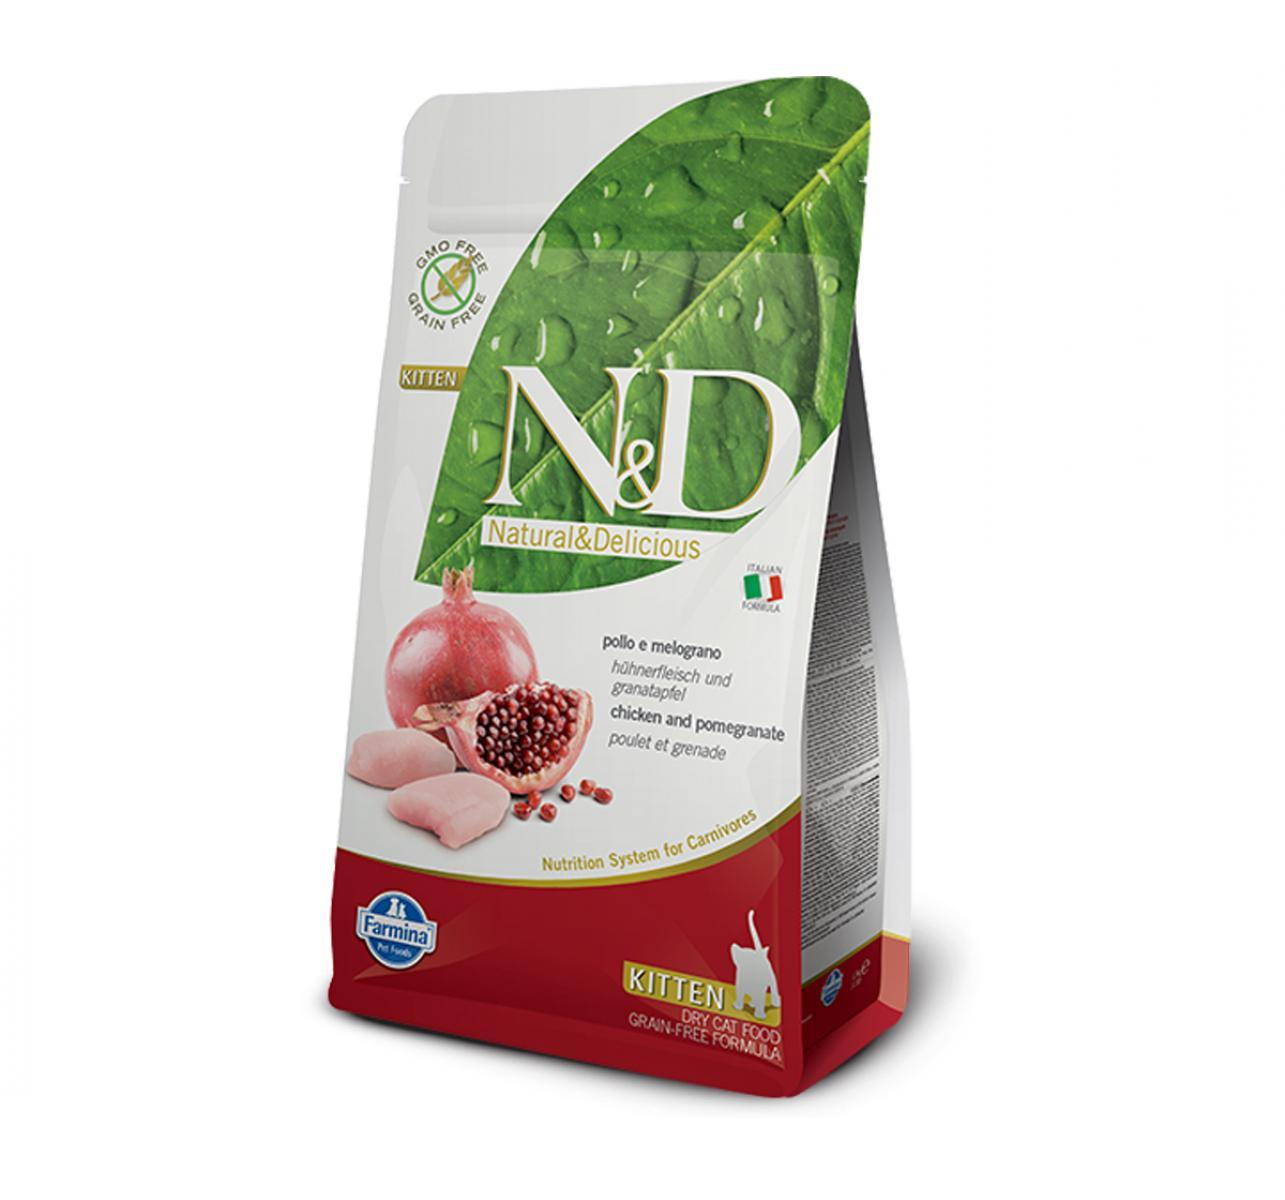 Natural & Delicious Grain Free Chicken & Pomegranate Kitten - 300 gm